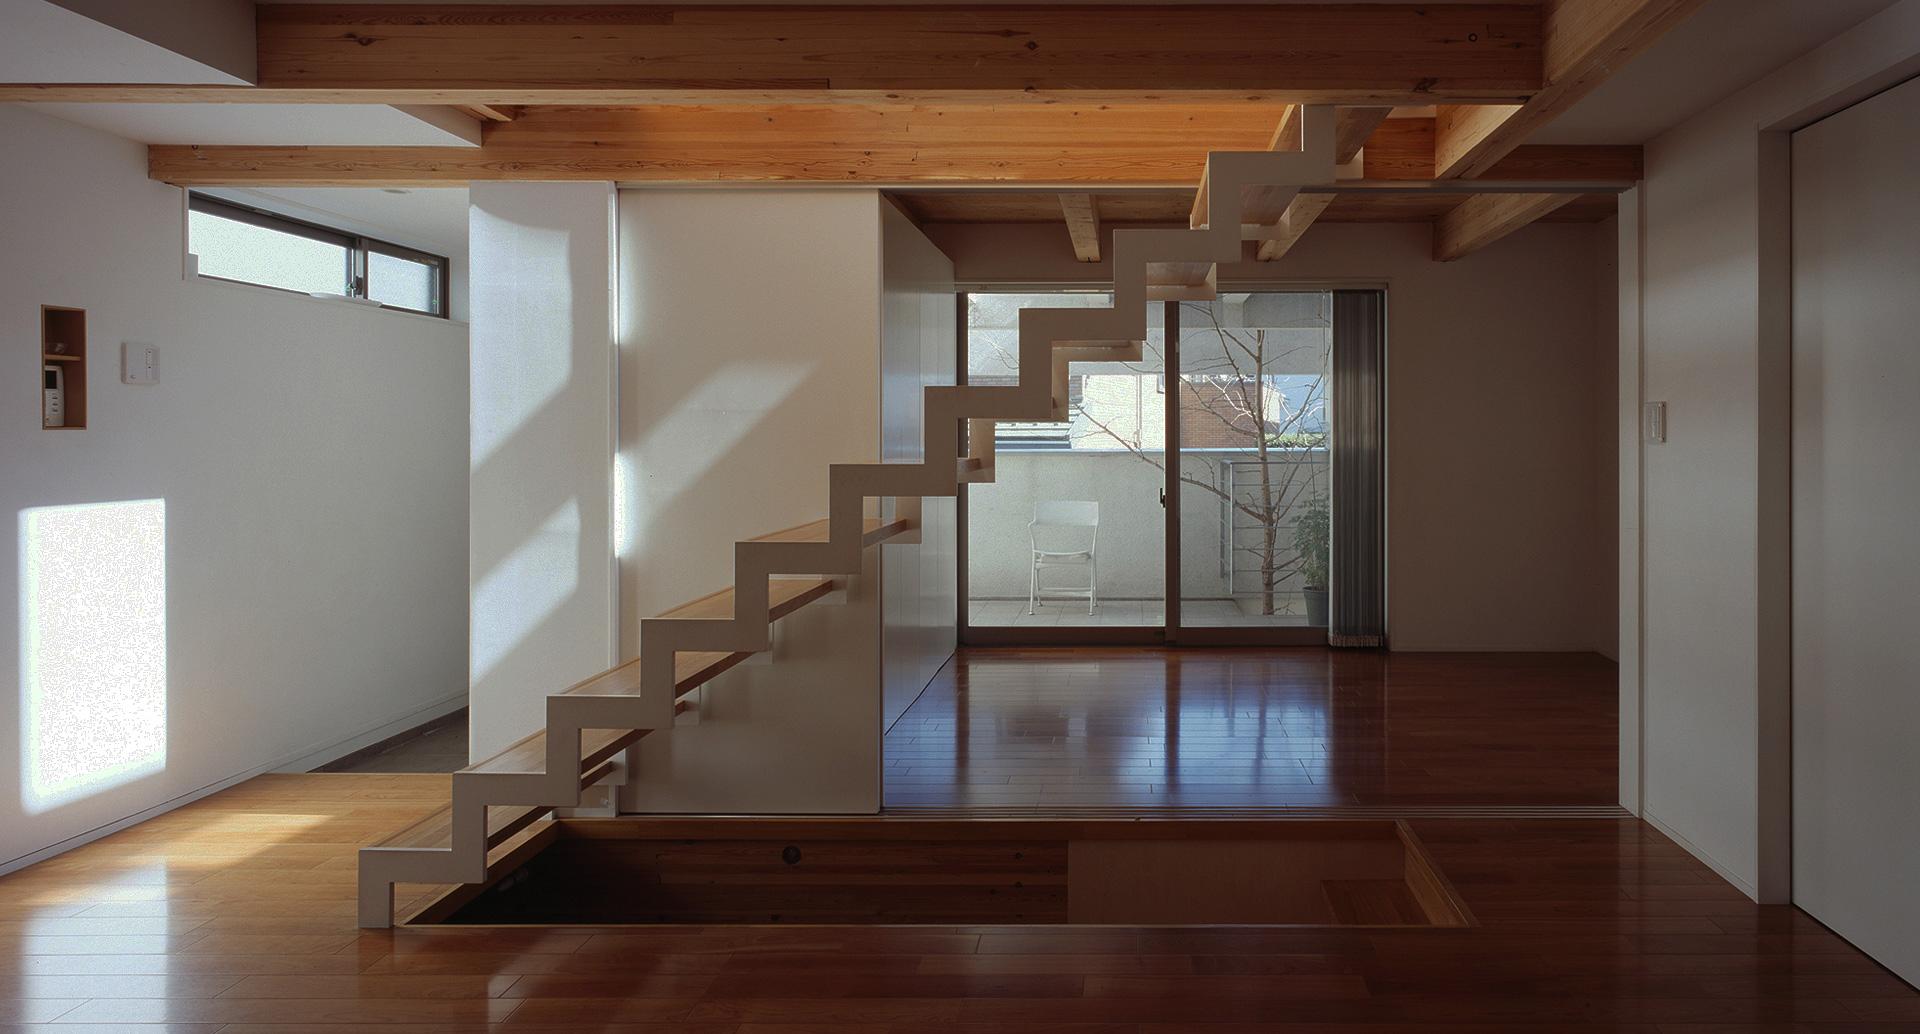 SUHACOのシンプルな家のリビングの内観:シンプルな暮らしの間取り